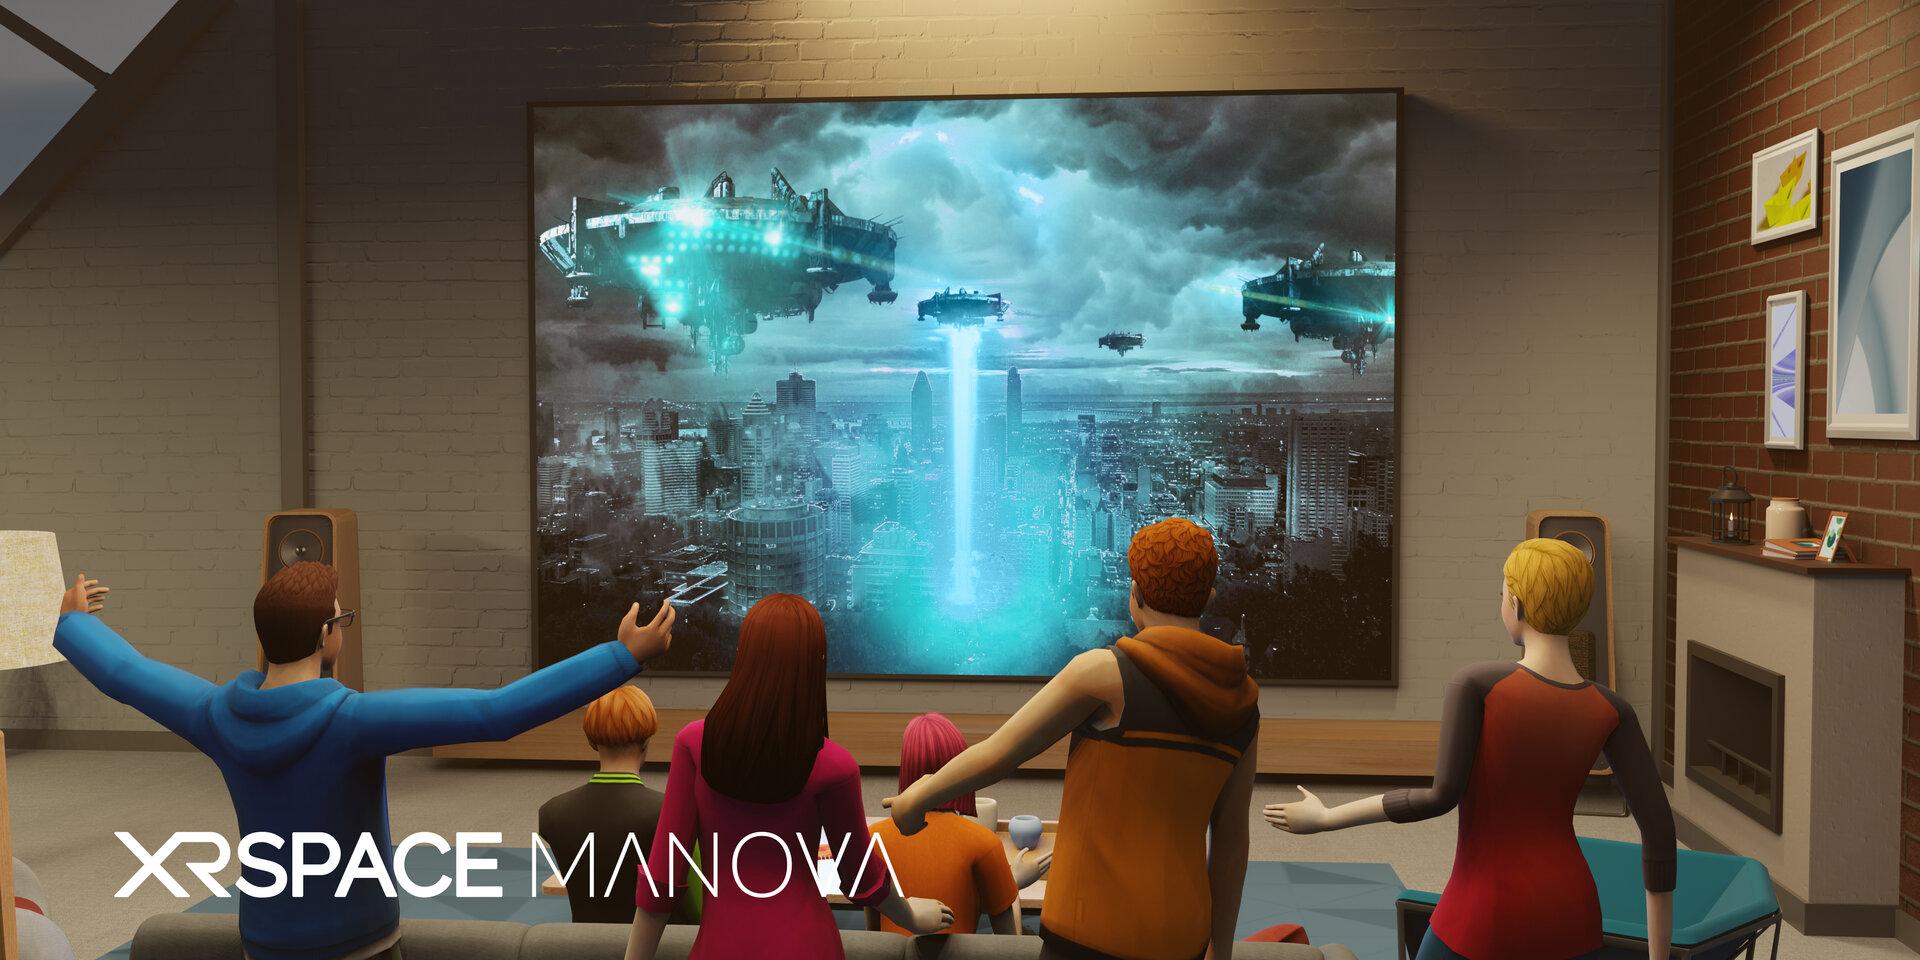 Kinoabend mit Freunden in VR